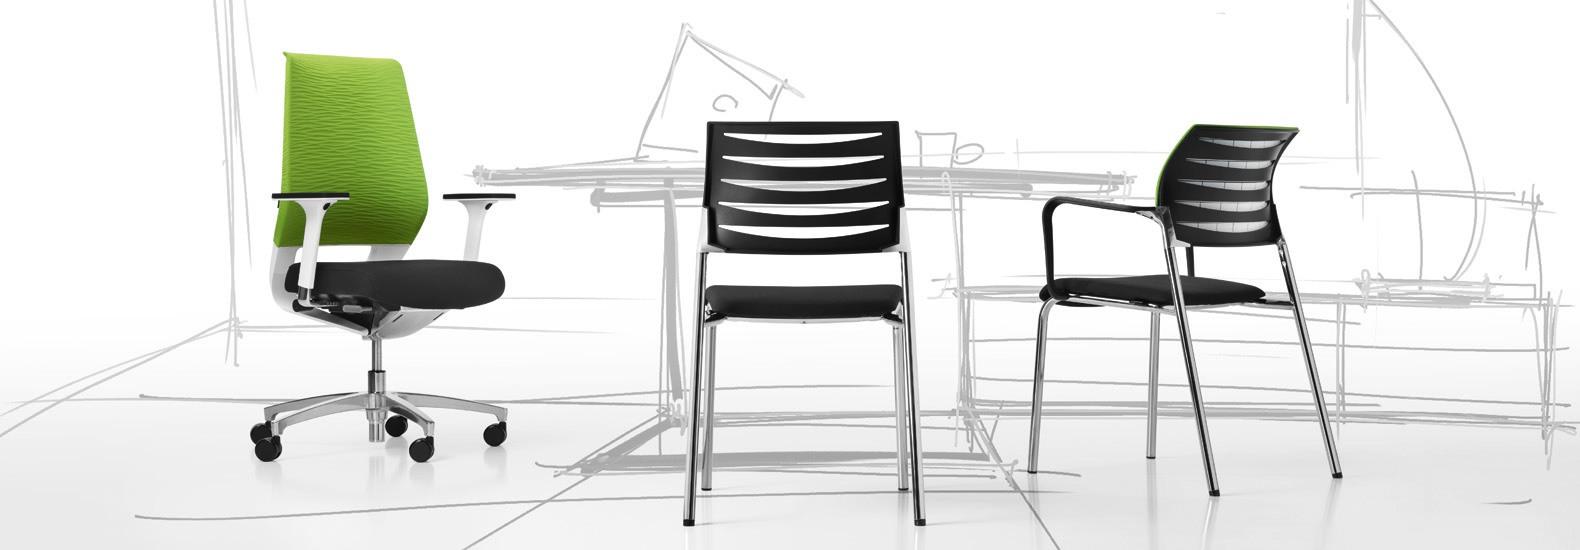 Kaufen Sie Dauphin X-Code bei office + objekt 42. Dauphin bietet Lösungen für jeden Arbeitsplatz und jede Organisationsform - mit  flexiblen, individuell gestaltbaren Zonen für die Tätigkeiten, die den modernen Arbeitsalltag prägen.